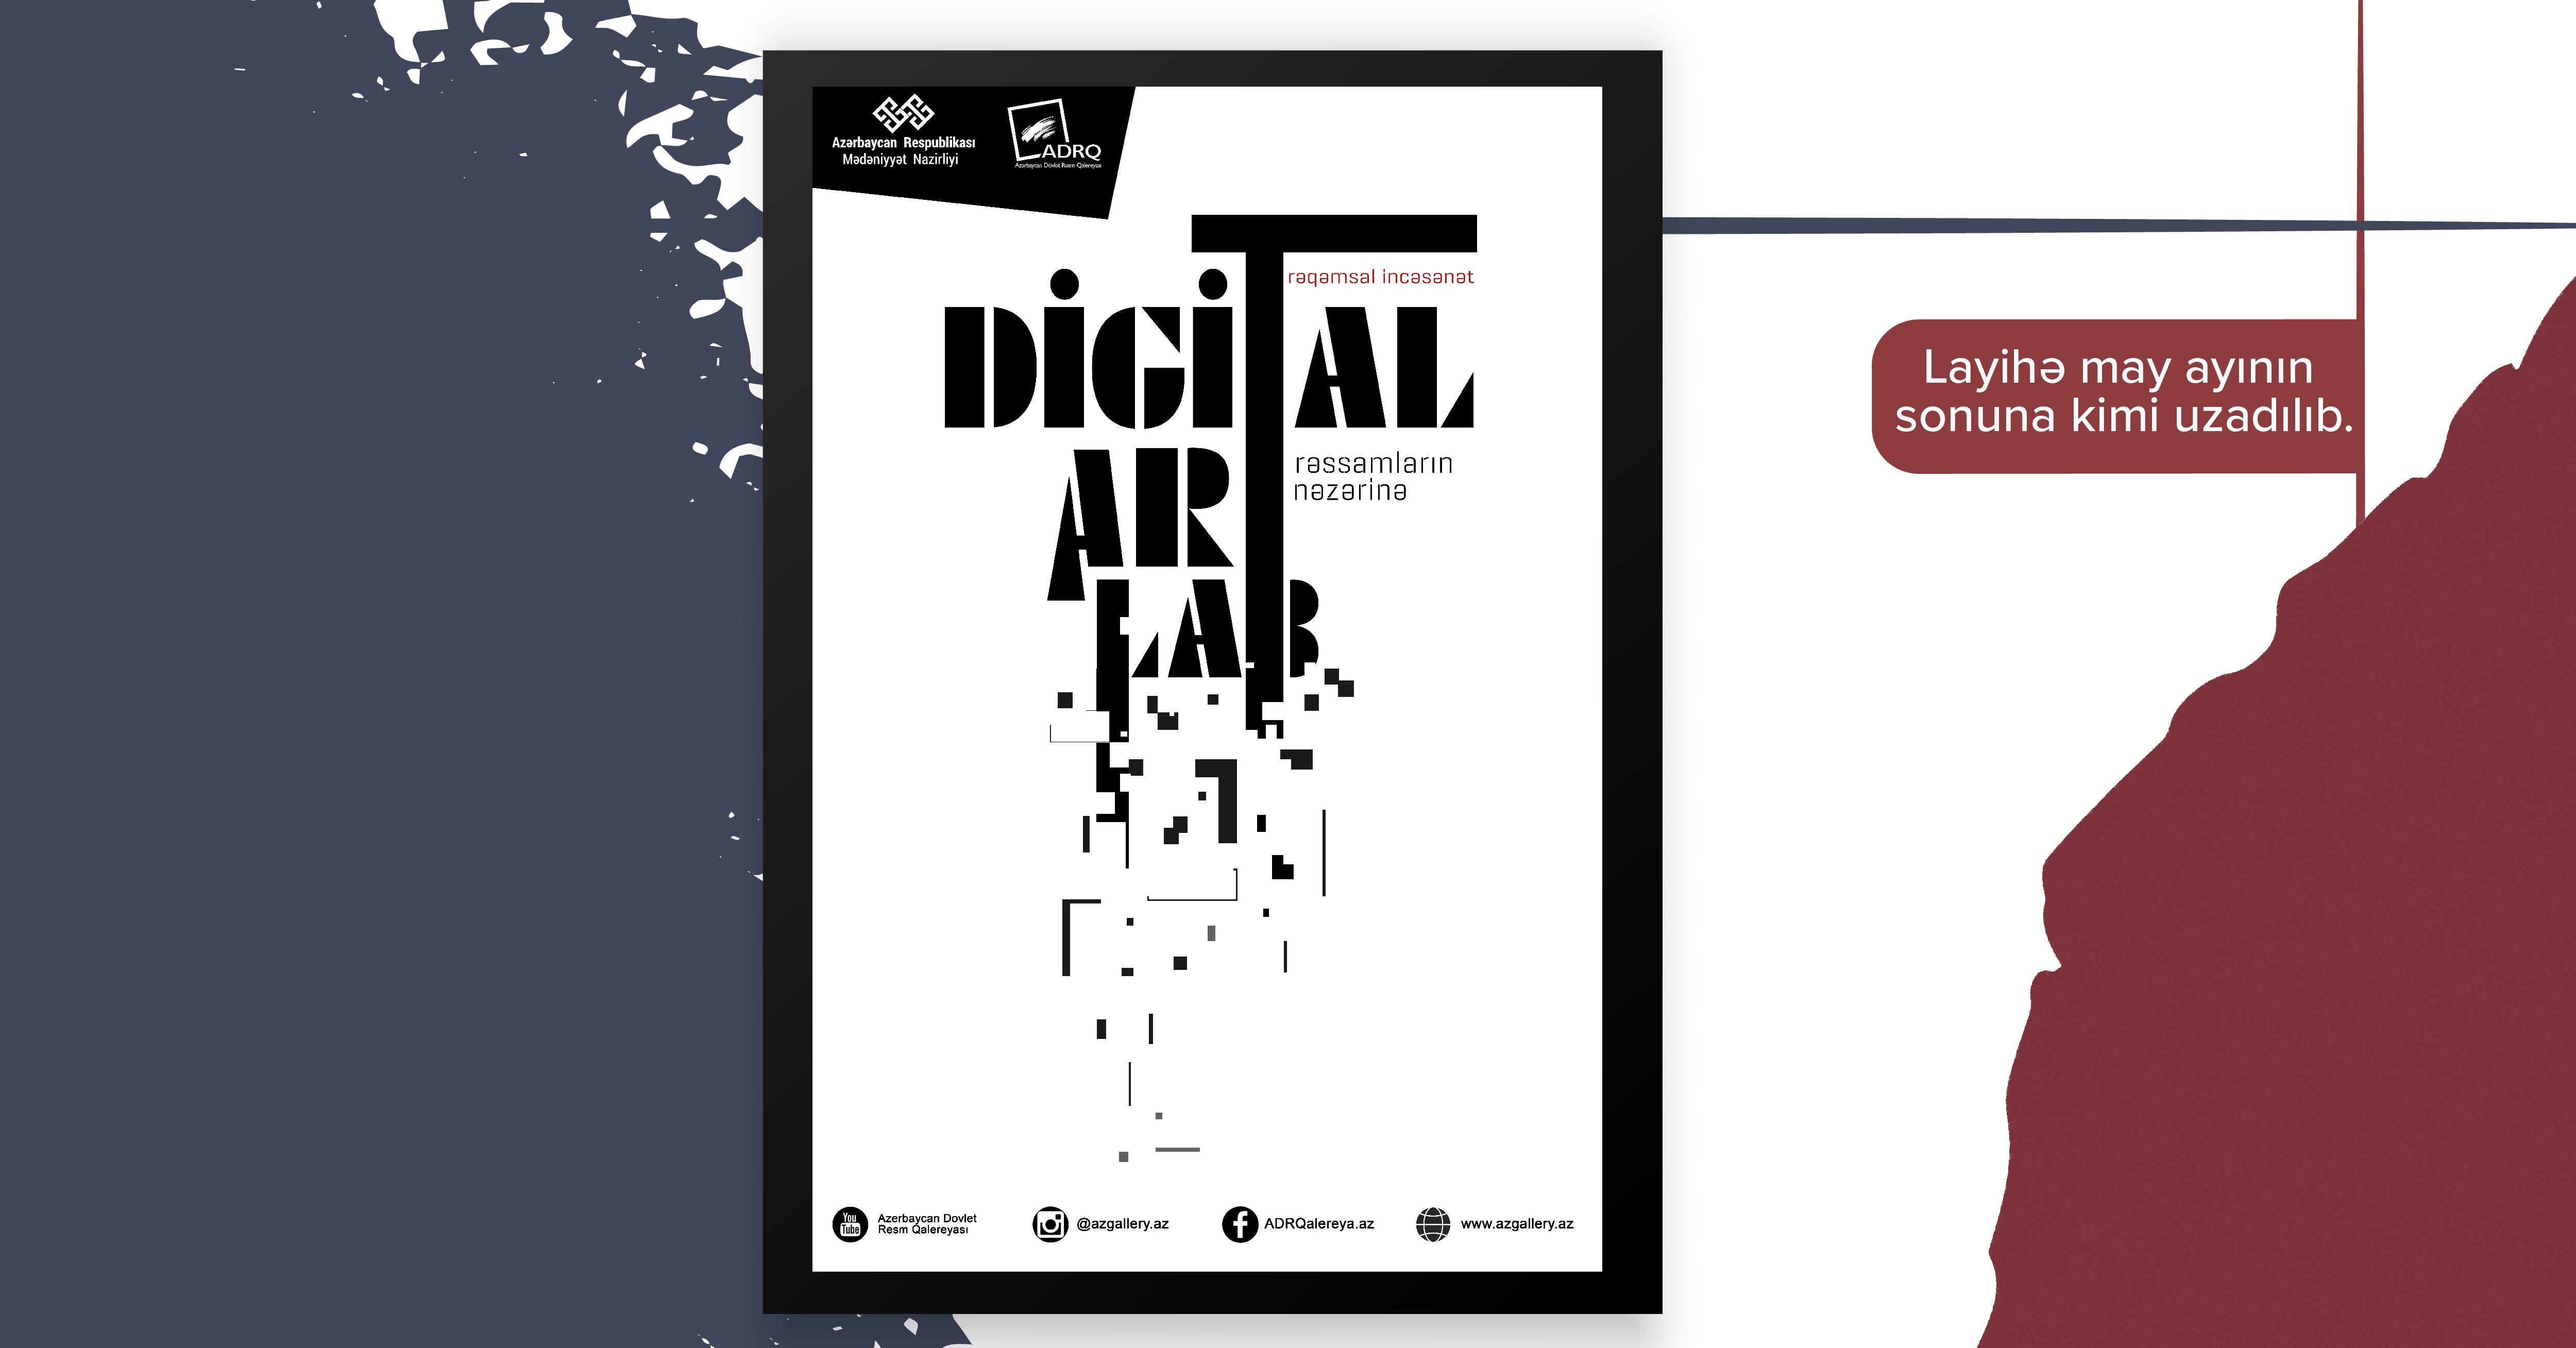 """""""Digitalart-lab"""" layihəsi may ayının sonuna kimi uzadılıb."""